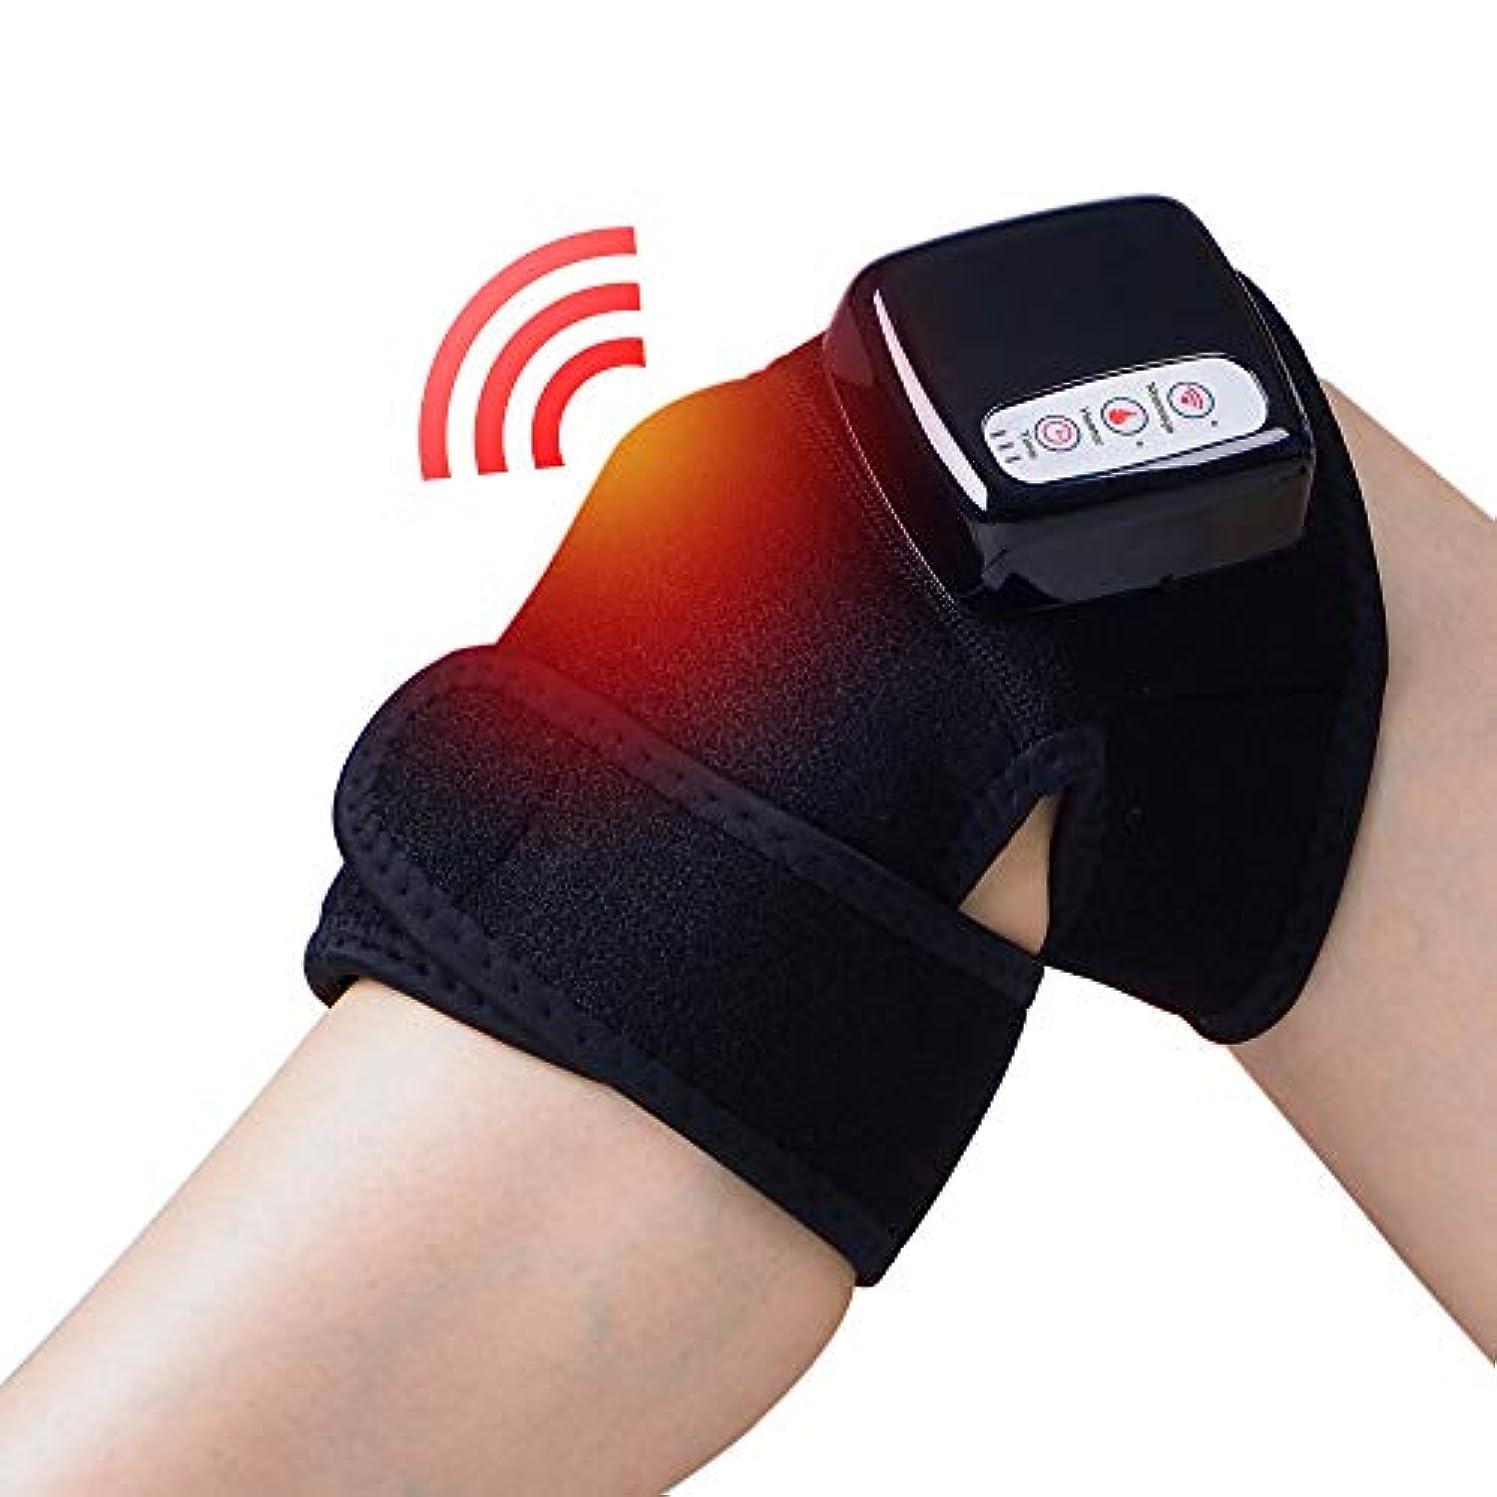 有益なセーブ撤回するChuangyue 膝関節加熱マッサージ マッサージ器 フットマッサージャー ひざ マッサージャー 振動 赤外線療法 温熱療法 膝サポーター ストレス解消 膝マット 太もも/腕対応